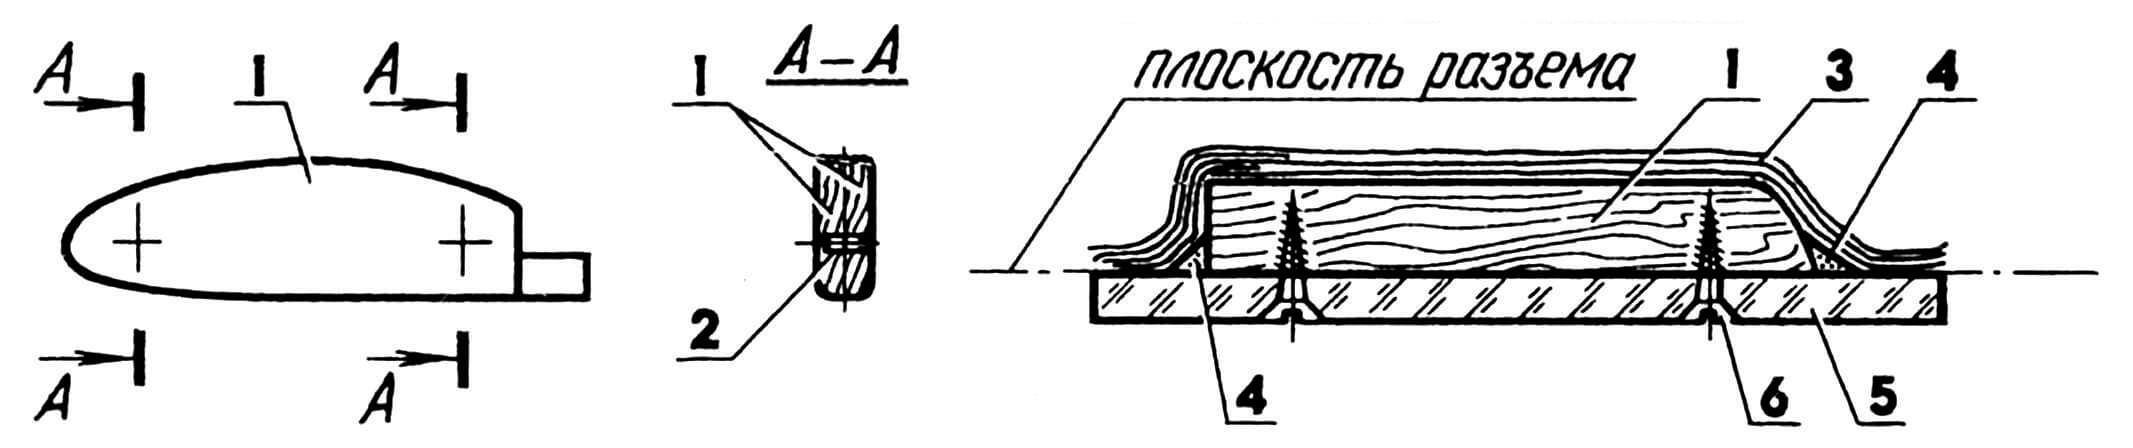 Изготовление стеклопластиковой матрицы для корпуса пилона: 1 — половинки мастер-модели; 2 — штырь соединительный (2 шт.); 3 — оболочка (стеклоткань); 4 — наполнитель (стекложгут); 5 — подкладка (оргстекло s5-6); 6 — шуруп.